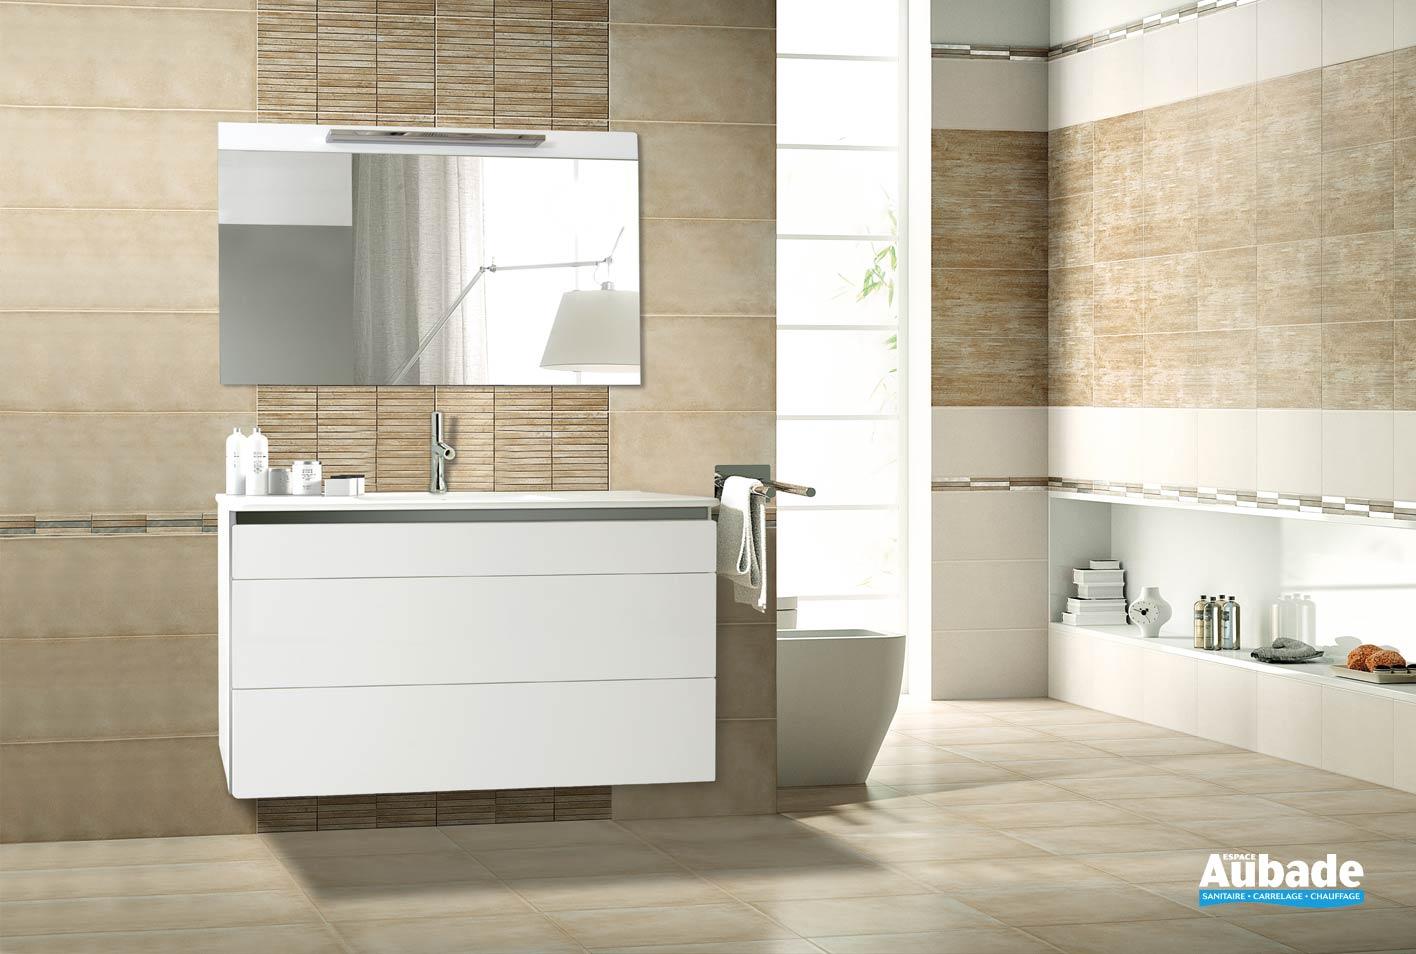 meuble de salle de bain gain de place lido c ram espace. Black Bedroom Furniture Sets. Home Design Ideas